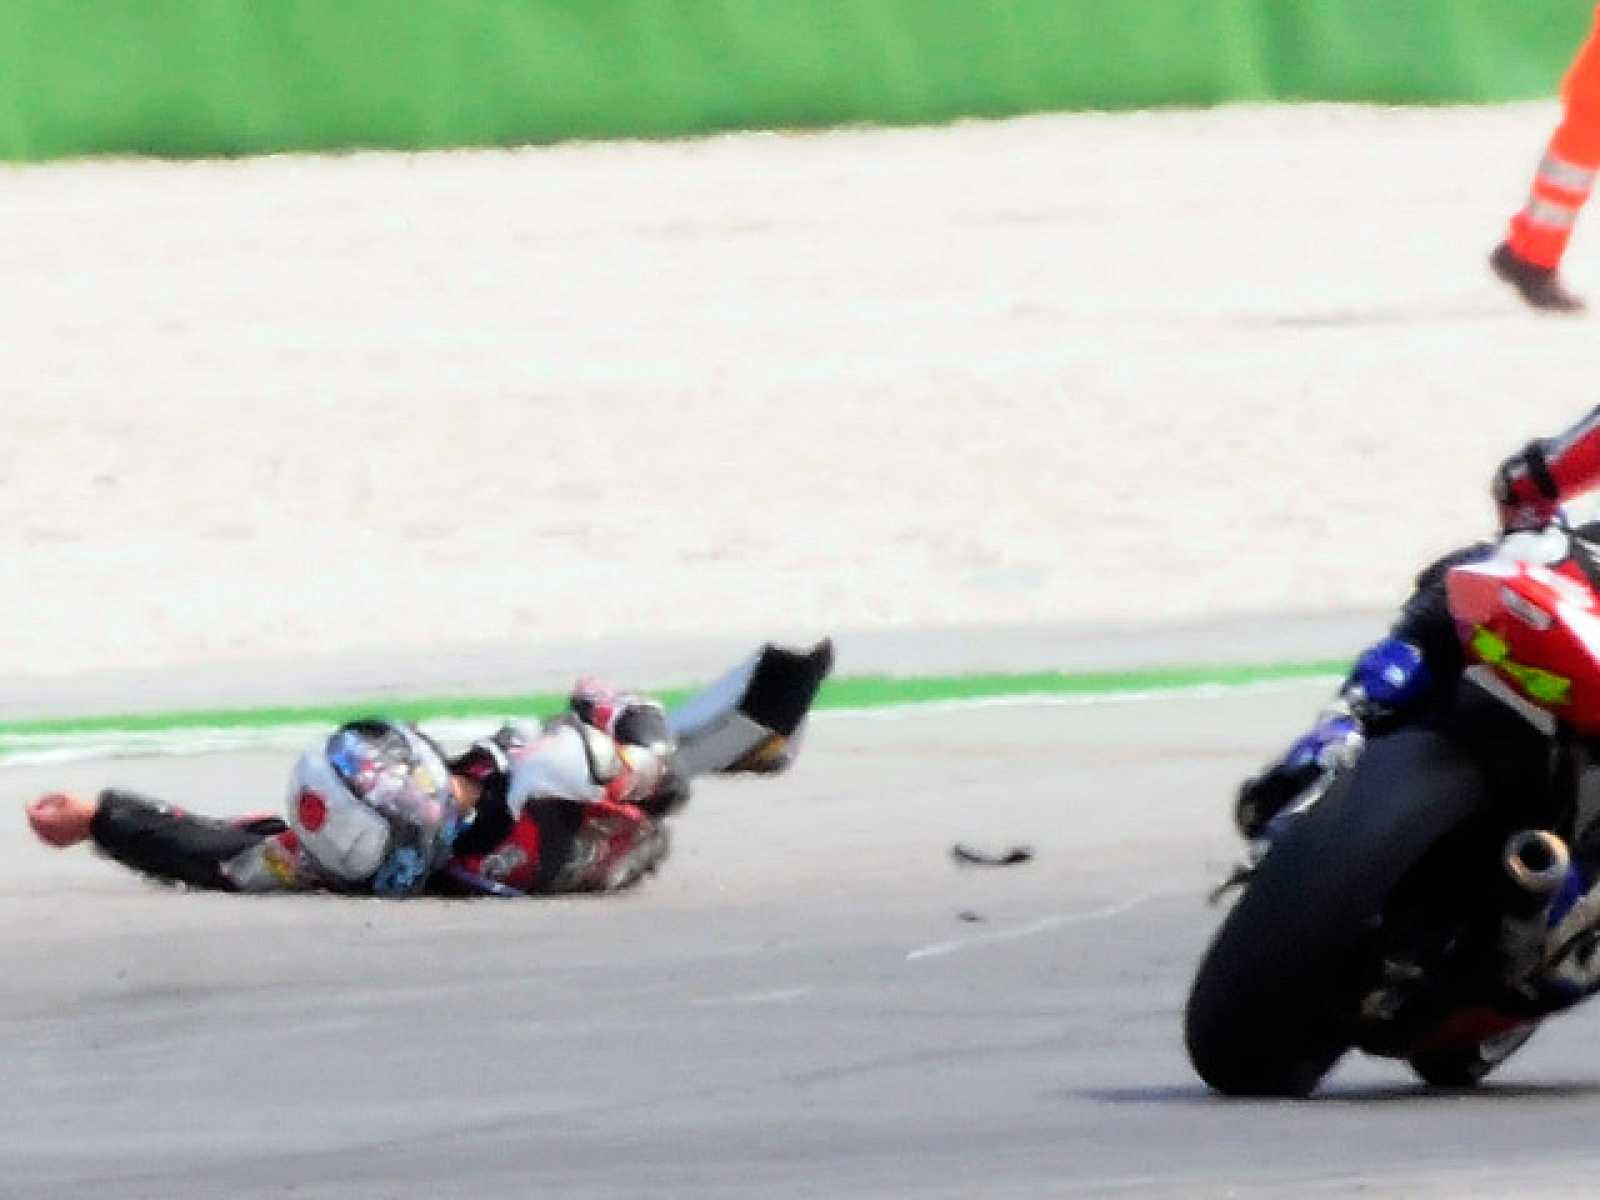 En la carrera de Moto2 de Misano se ha visto uno de los accidentes más brutales que se recuerdan, y que ha supuesto la muerte del piloto japonés Shoya Tomizawa.